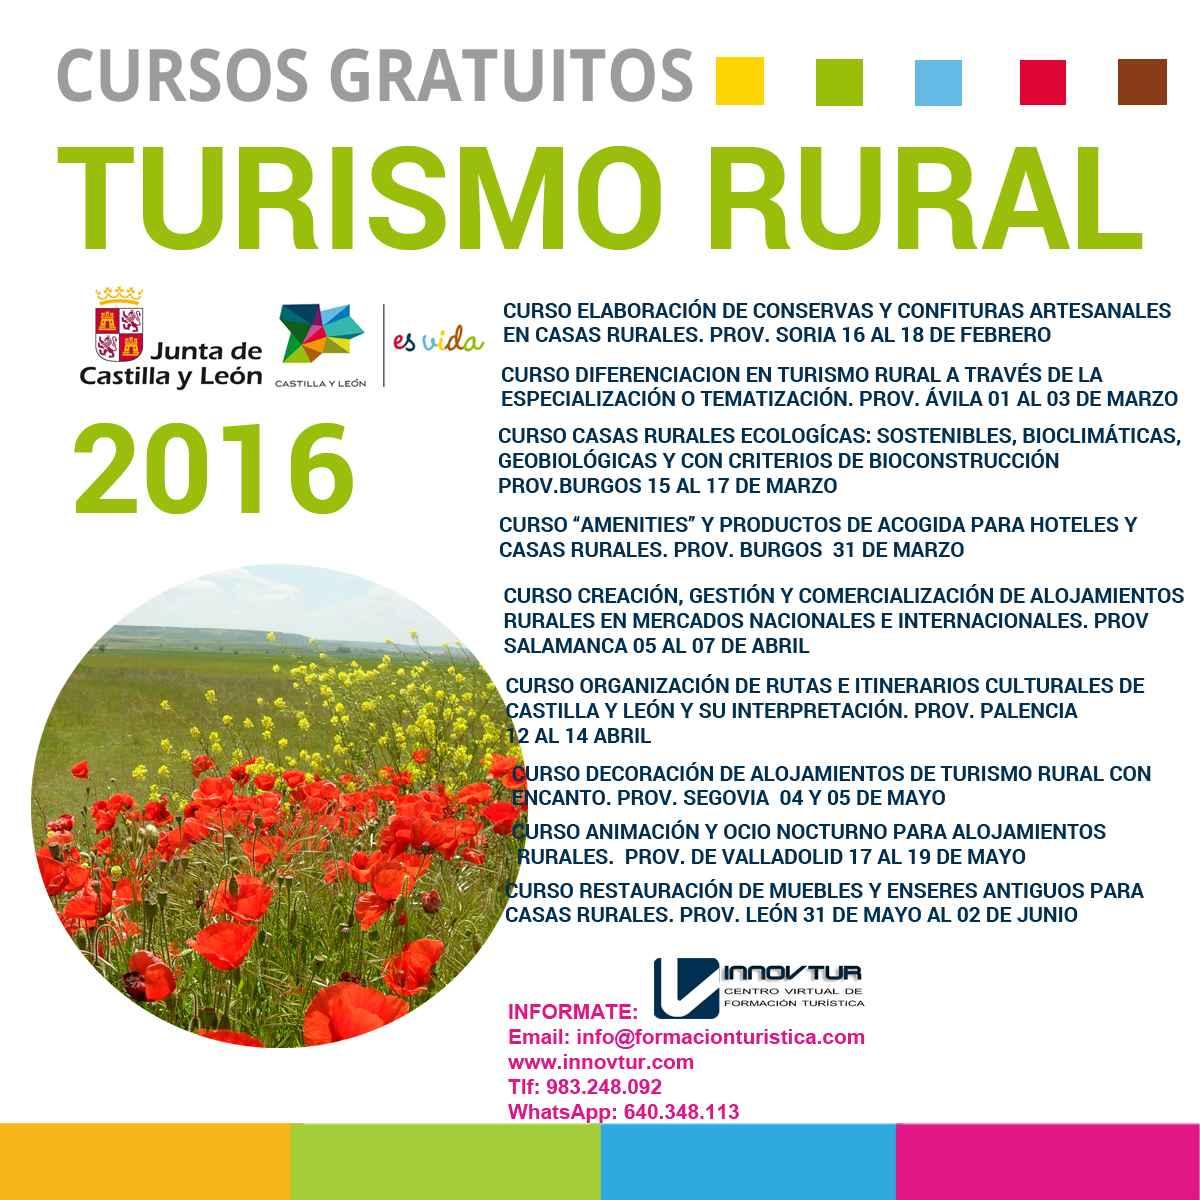 Cursos Turismo Rural 2016